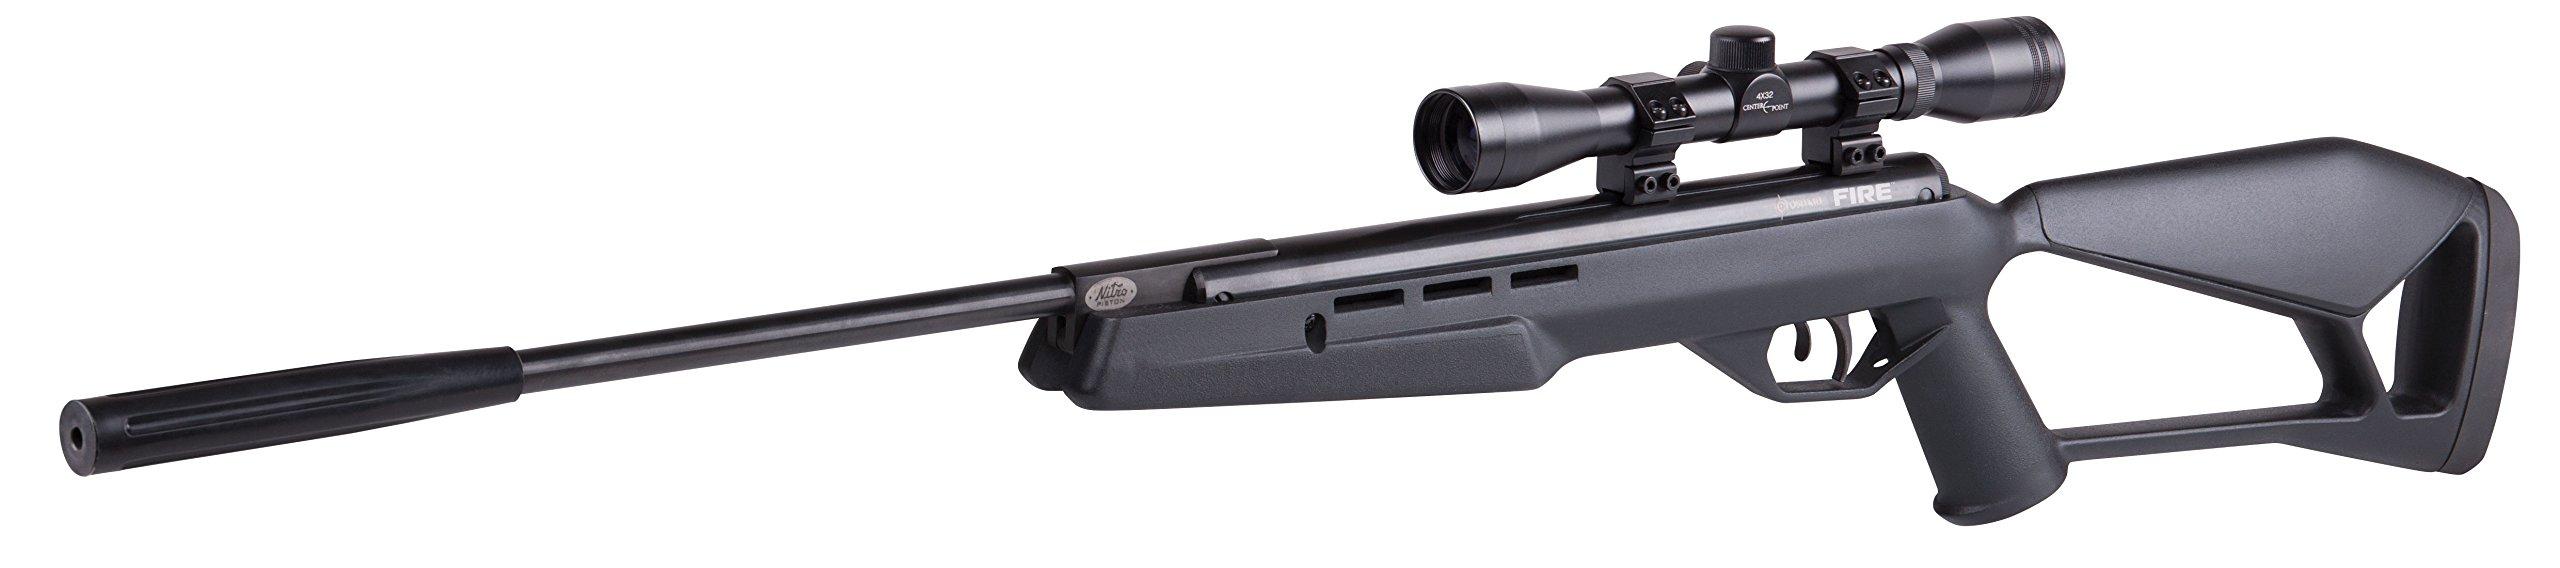 Crosman CFRNP17SX Fire Nitro Piston Air Rifle by Crosman